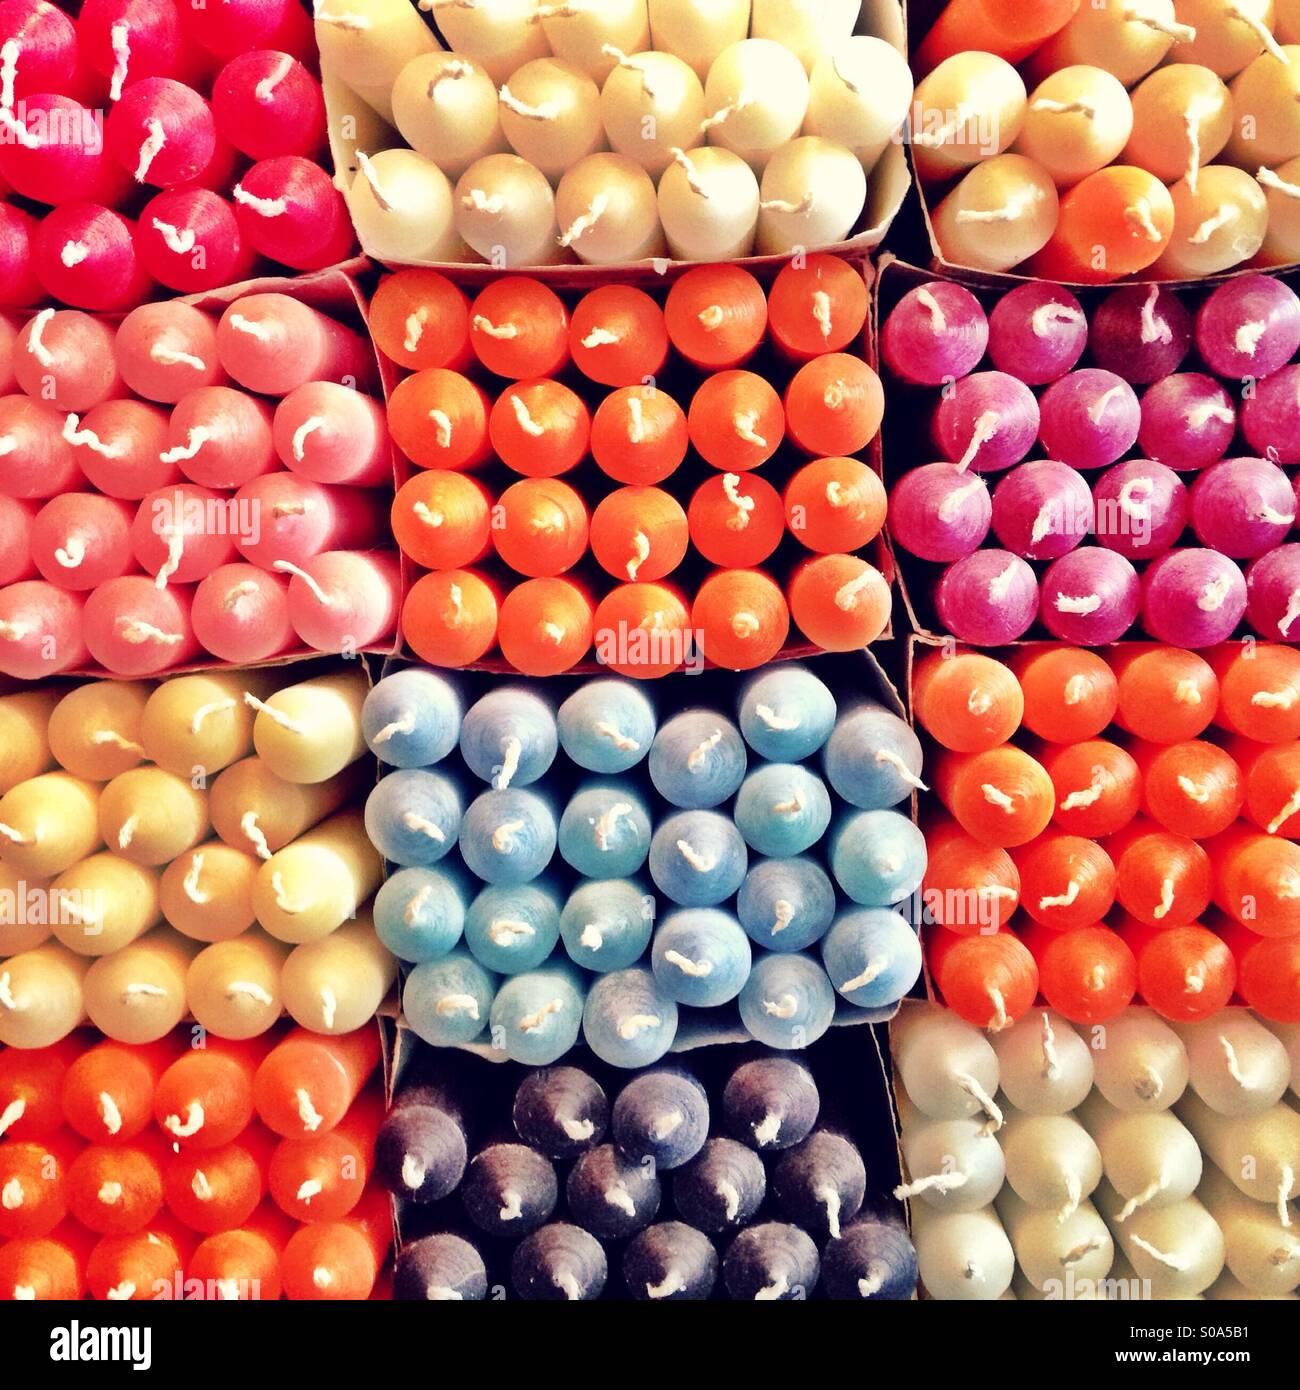 Display negozio di candele Immagini Stock